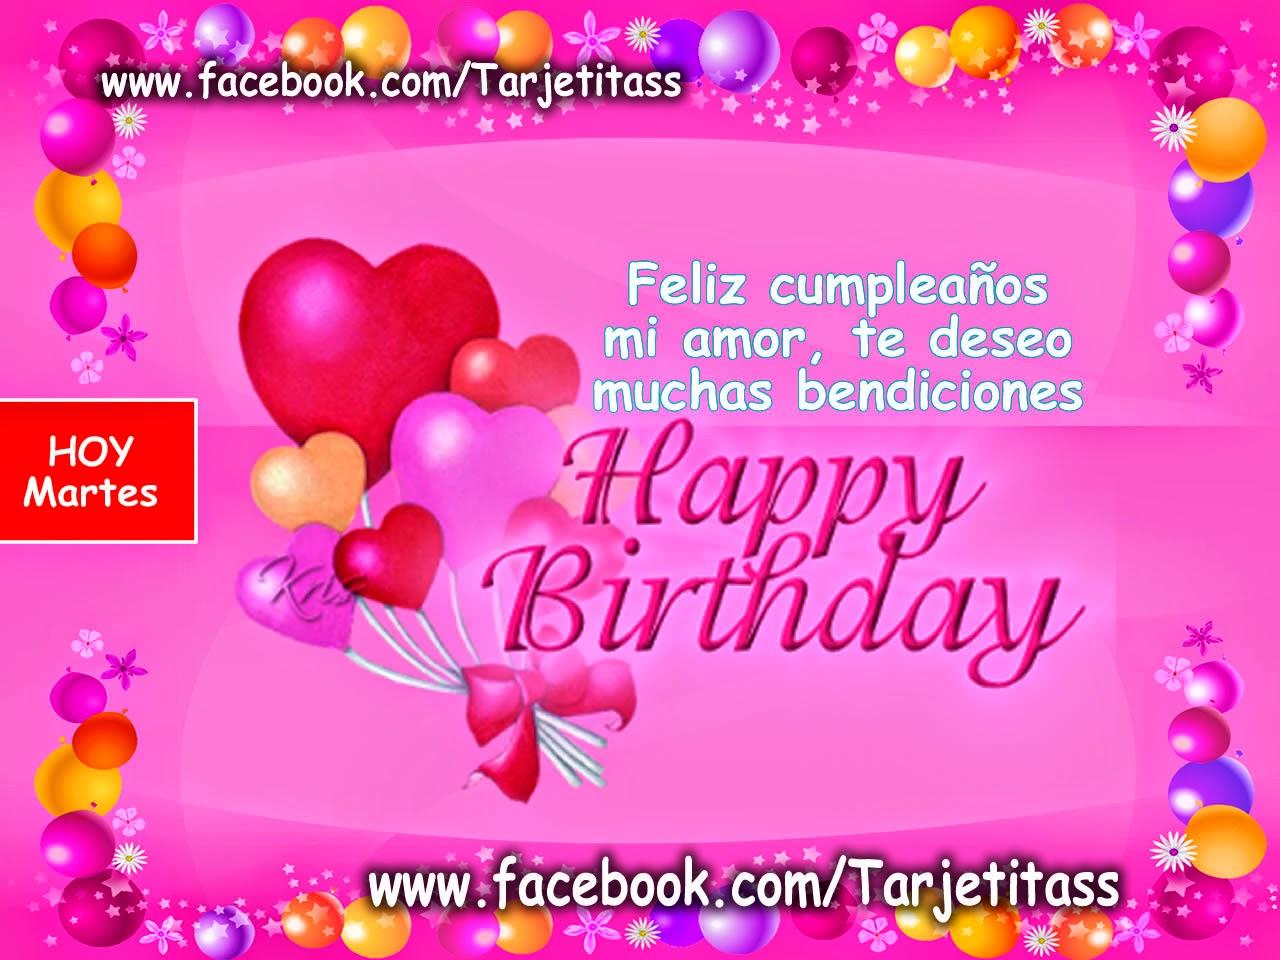 Tarjetas de cumpleaños para un hijo Frases de amor  - Imagenes De Feliz Cumple Años Amor